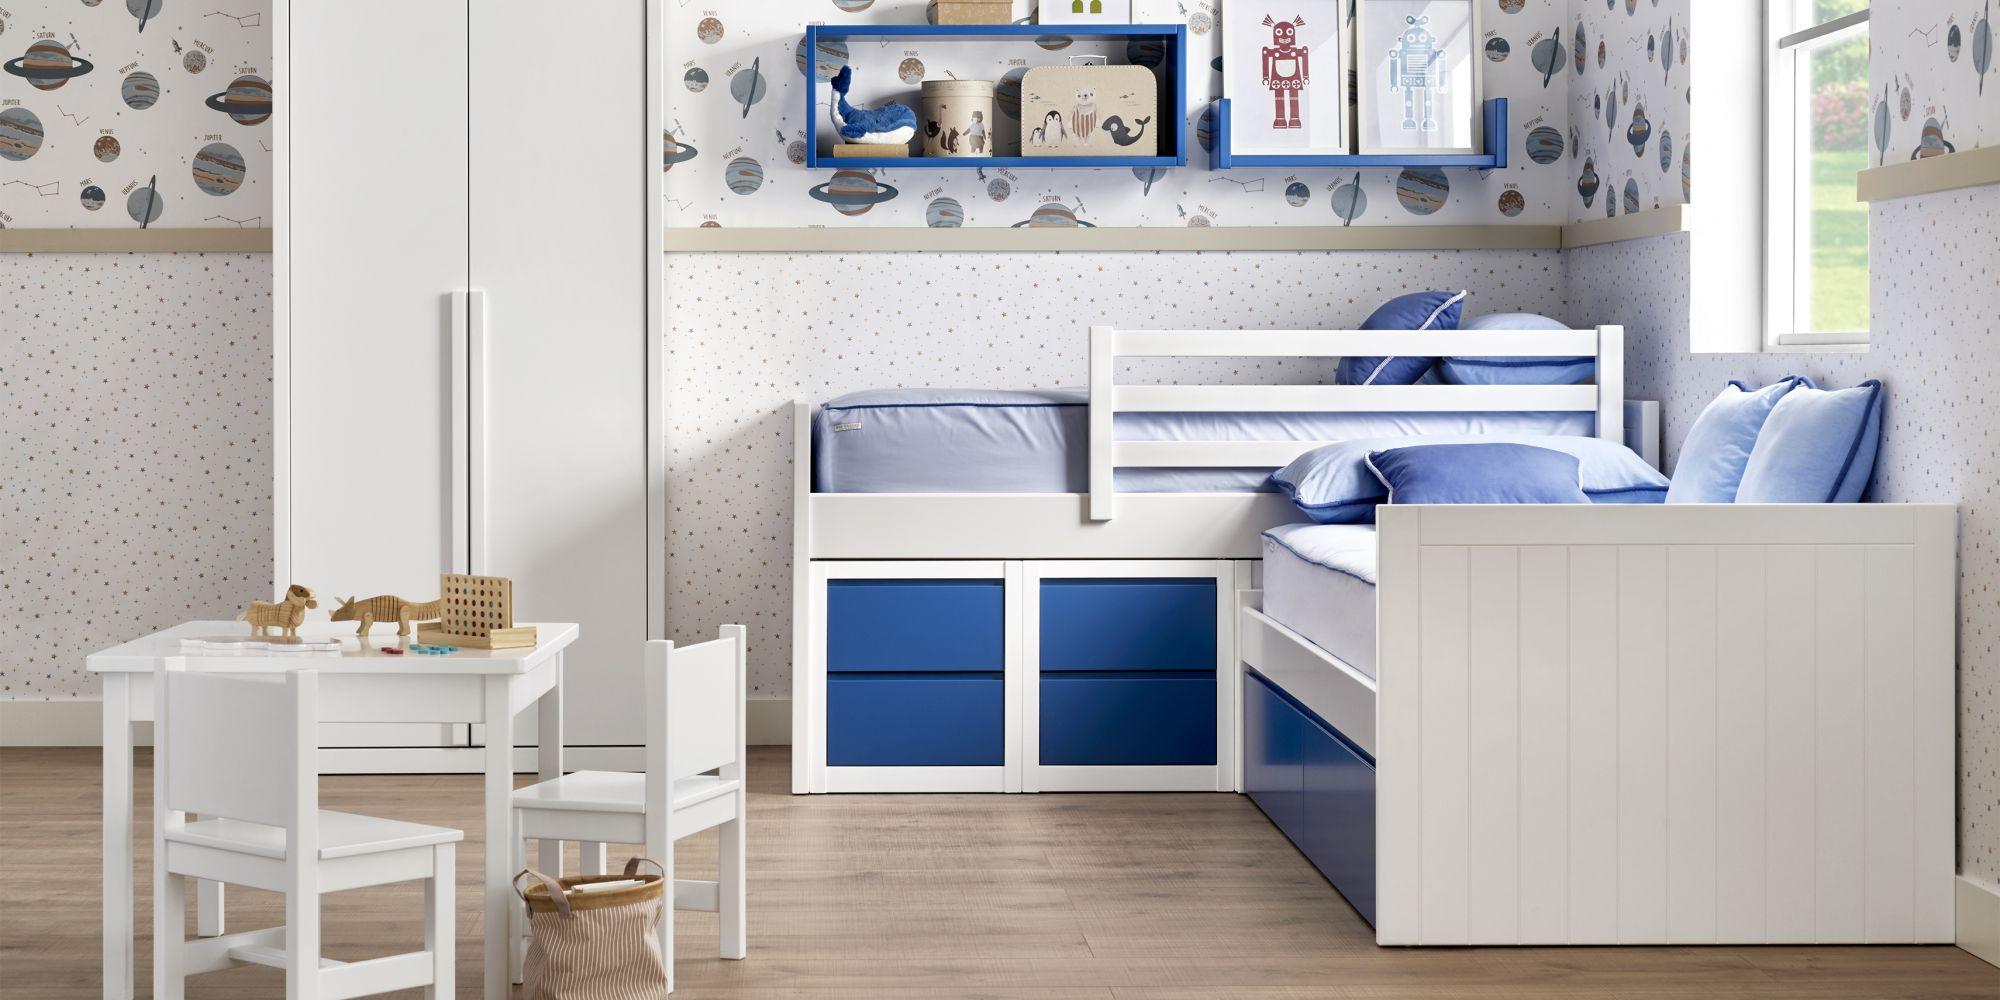 Habitacion con dos camas azul y blanco